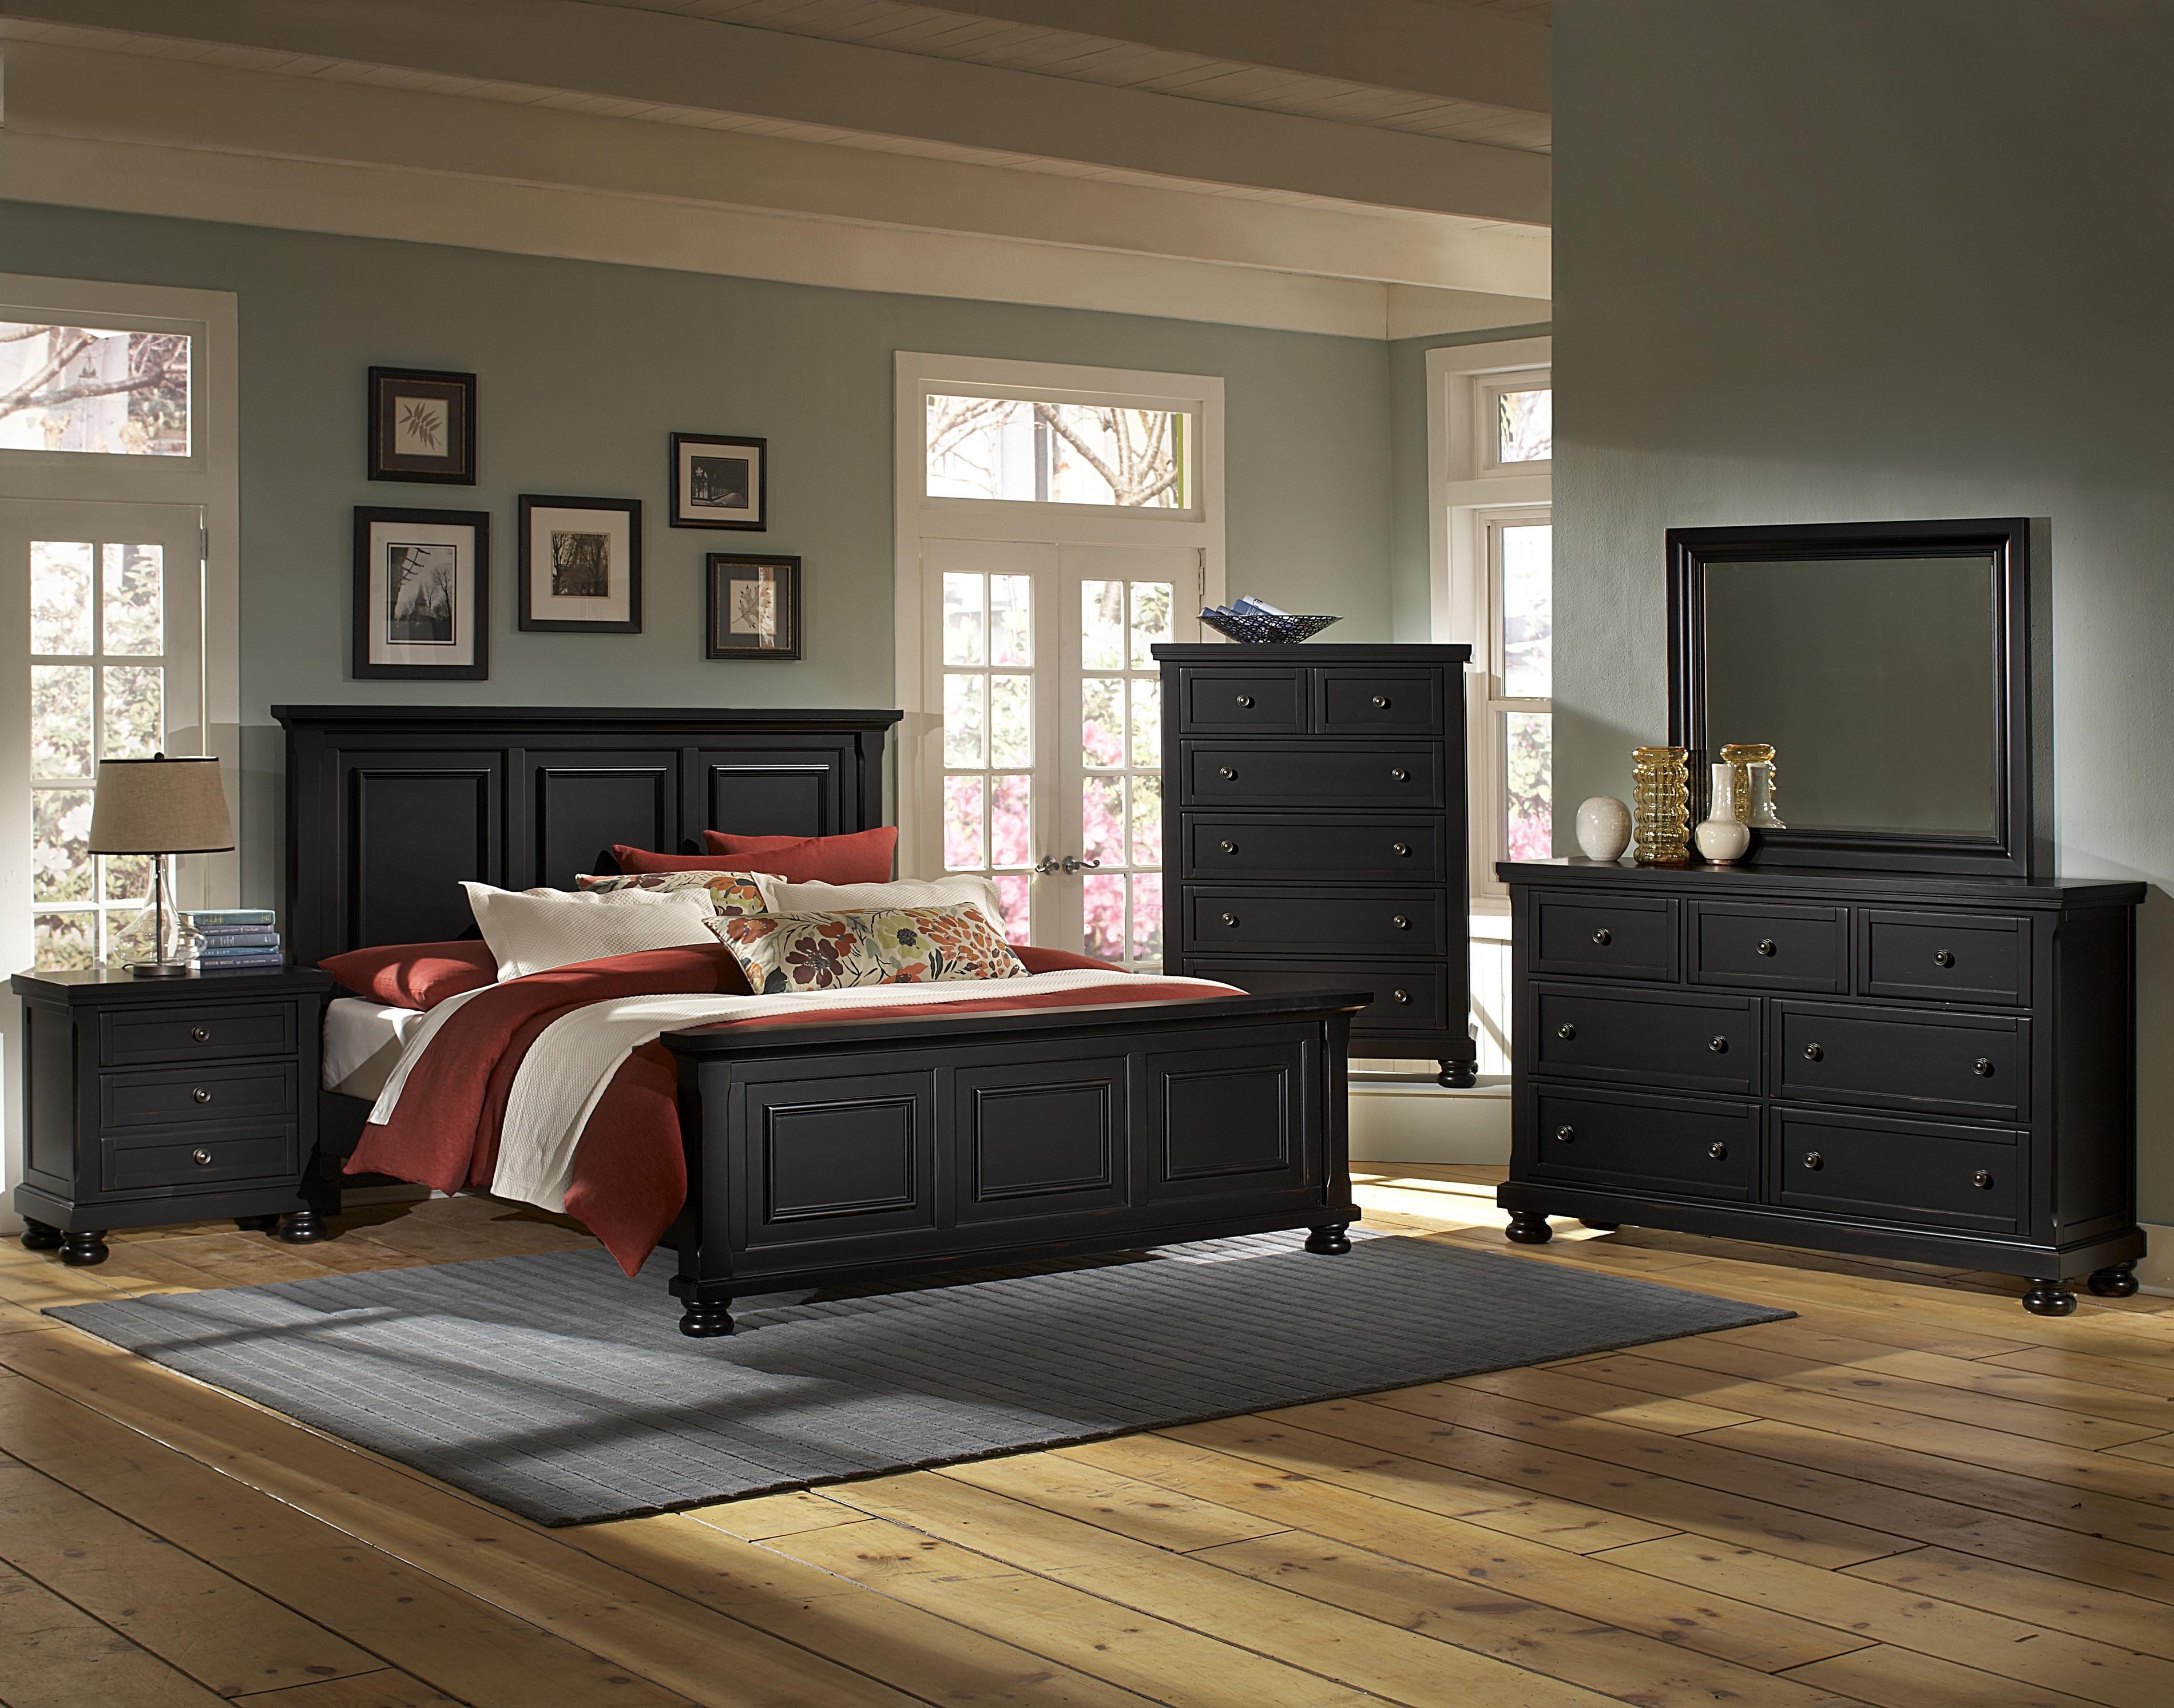 vaughan bassett reflections full bedroom group darvin furniture bedroom groups. Black Bedroom Furniture Sets. Home Design Ideas